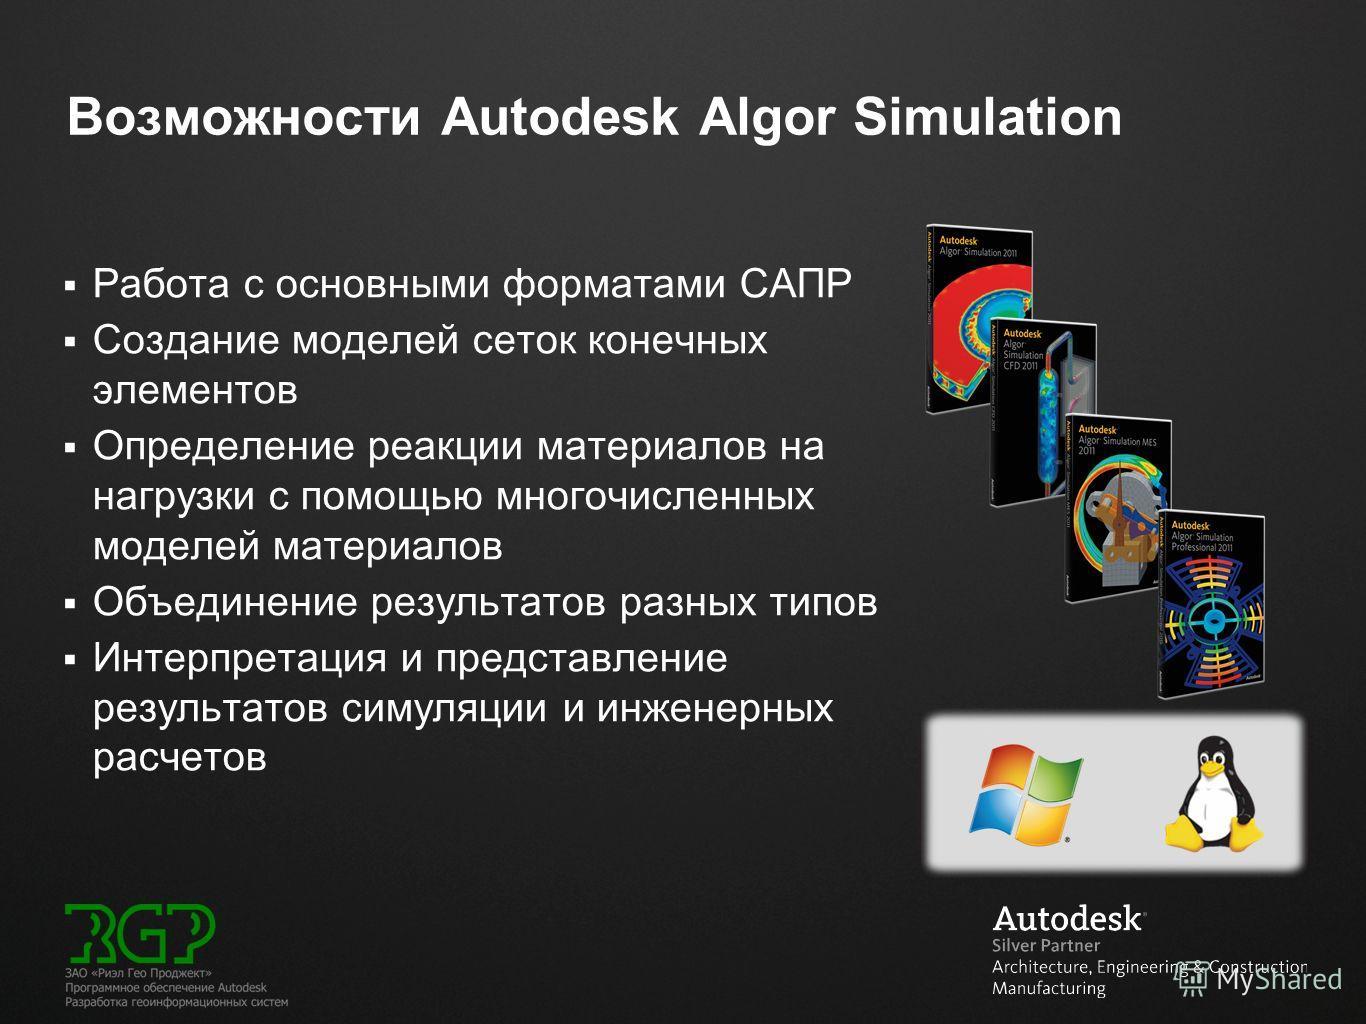 Возможности Autodesk Algor Simulation Работа с основными форматами САПР Создание моделей сеток конечных элементов Определение реакции материалов на нагрузки с помощью многочисленных моделей материалов Объединение результатов разных типов Интерпретаци